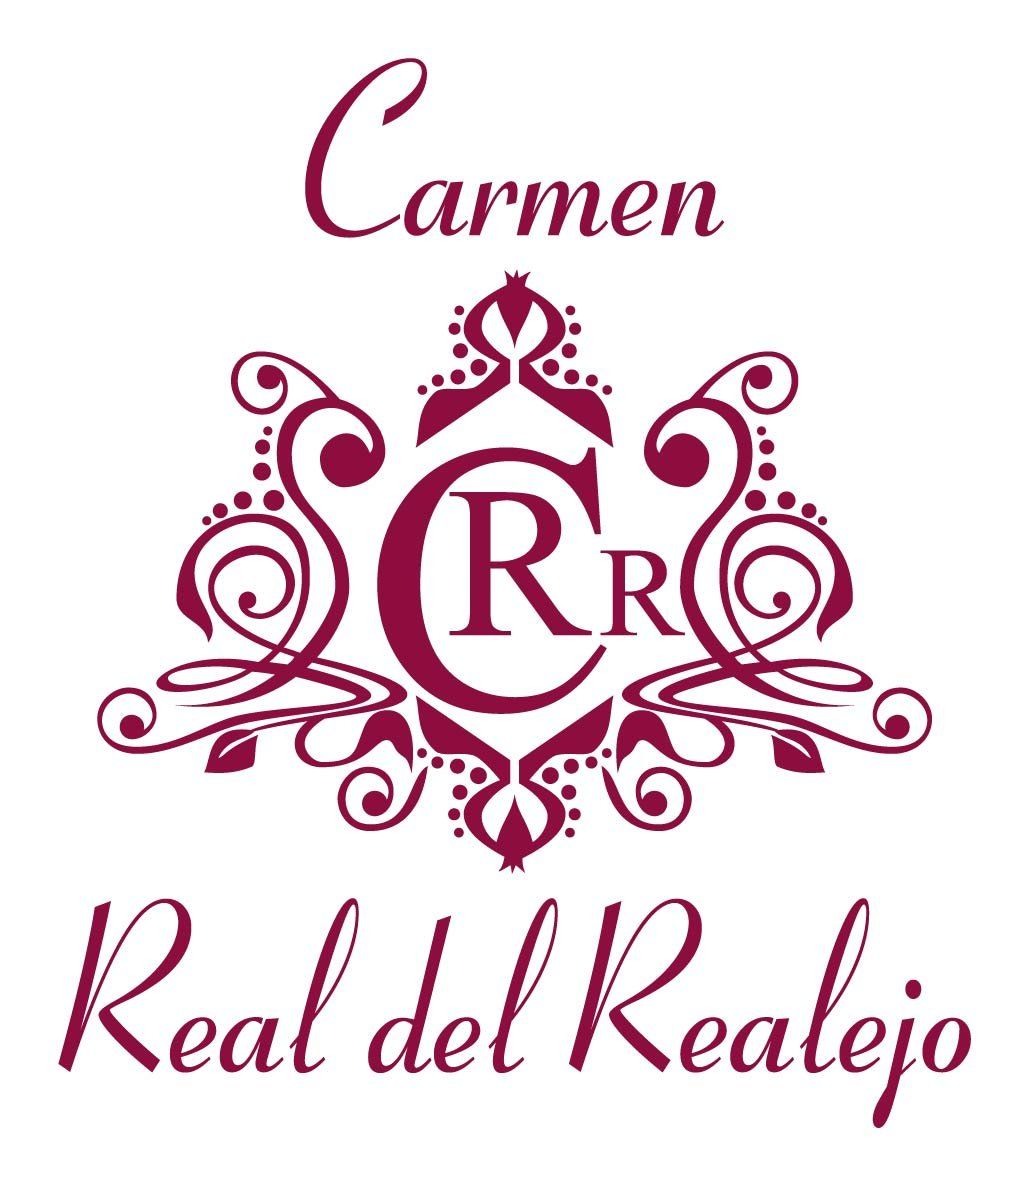 Carmen Real del Realejo